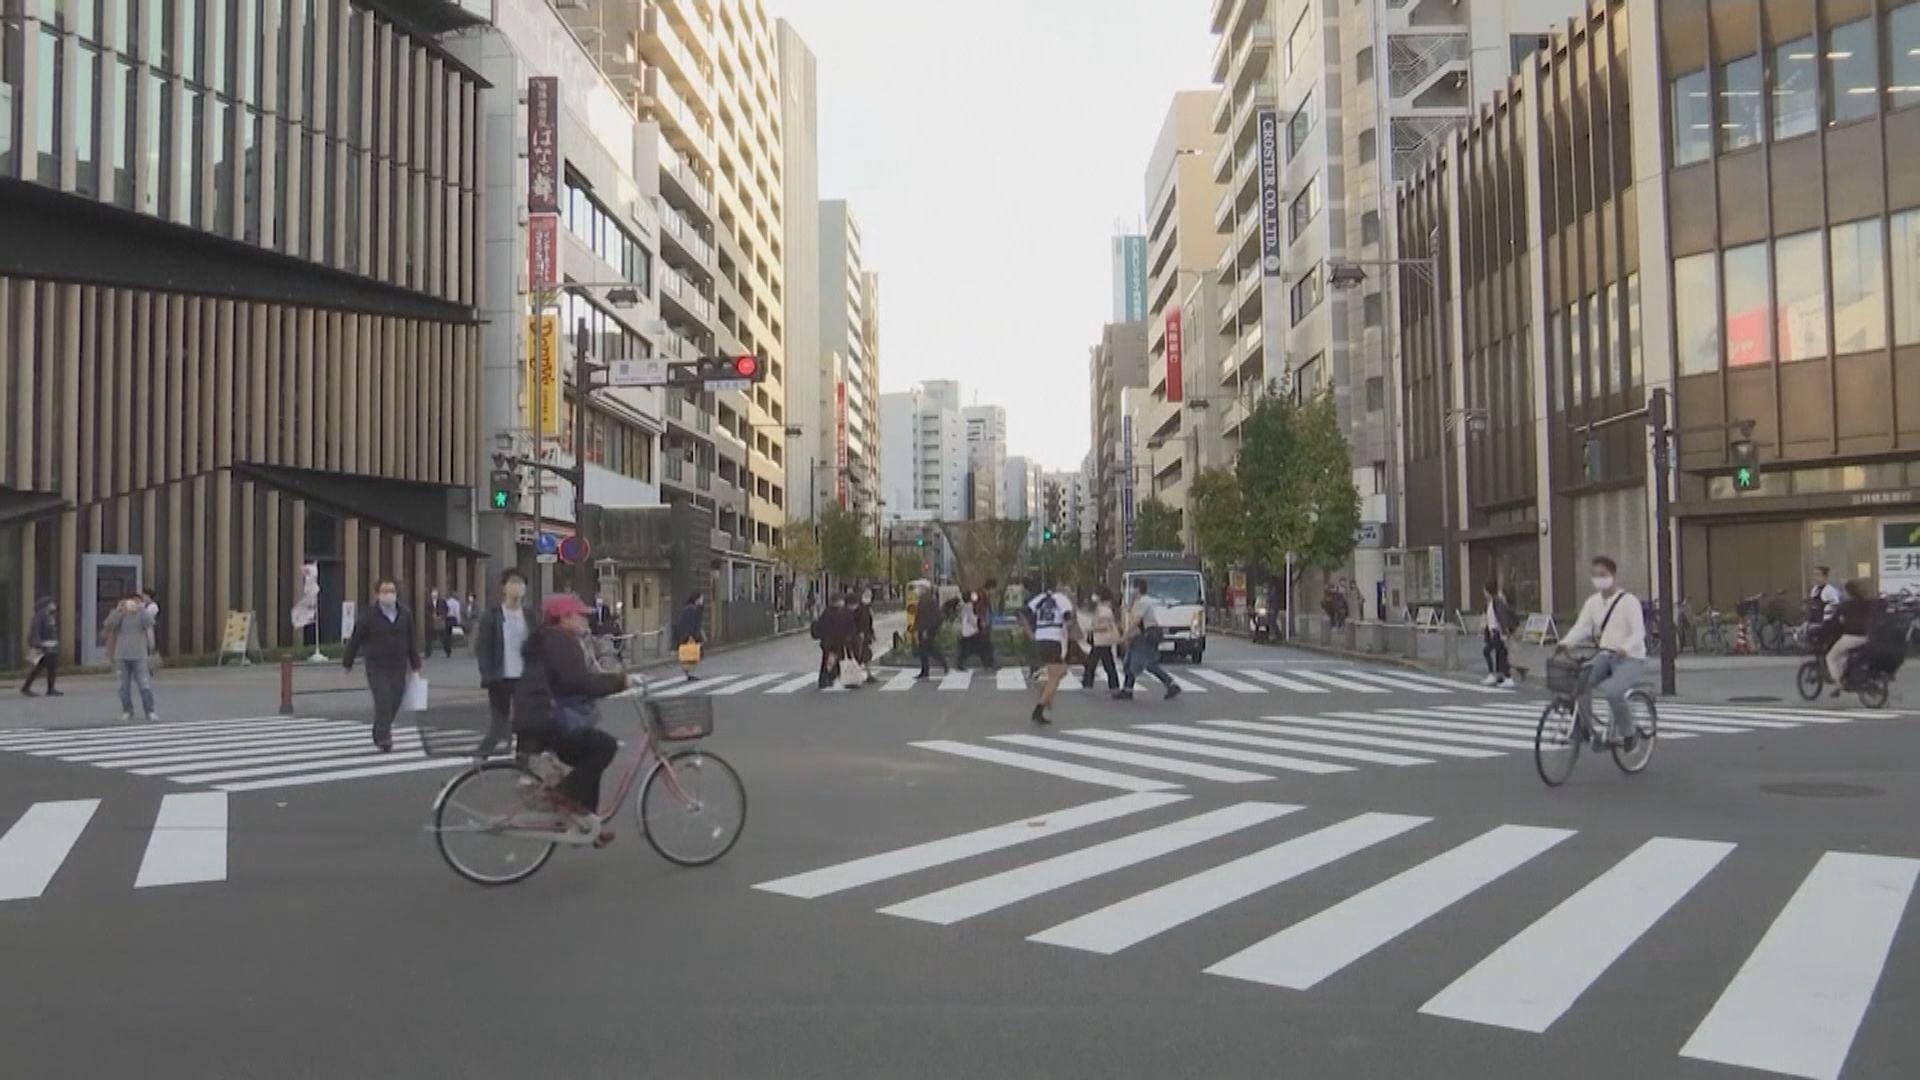 日本大阪府單日新增490人確診 破單日紀錄